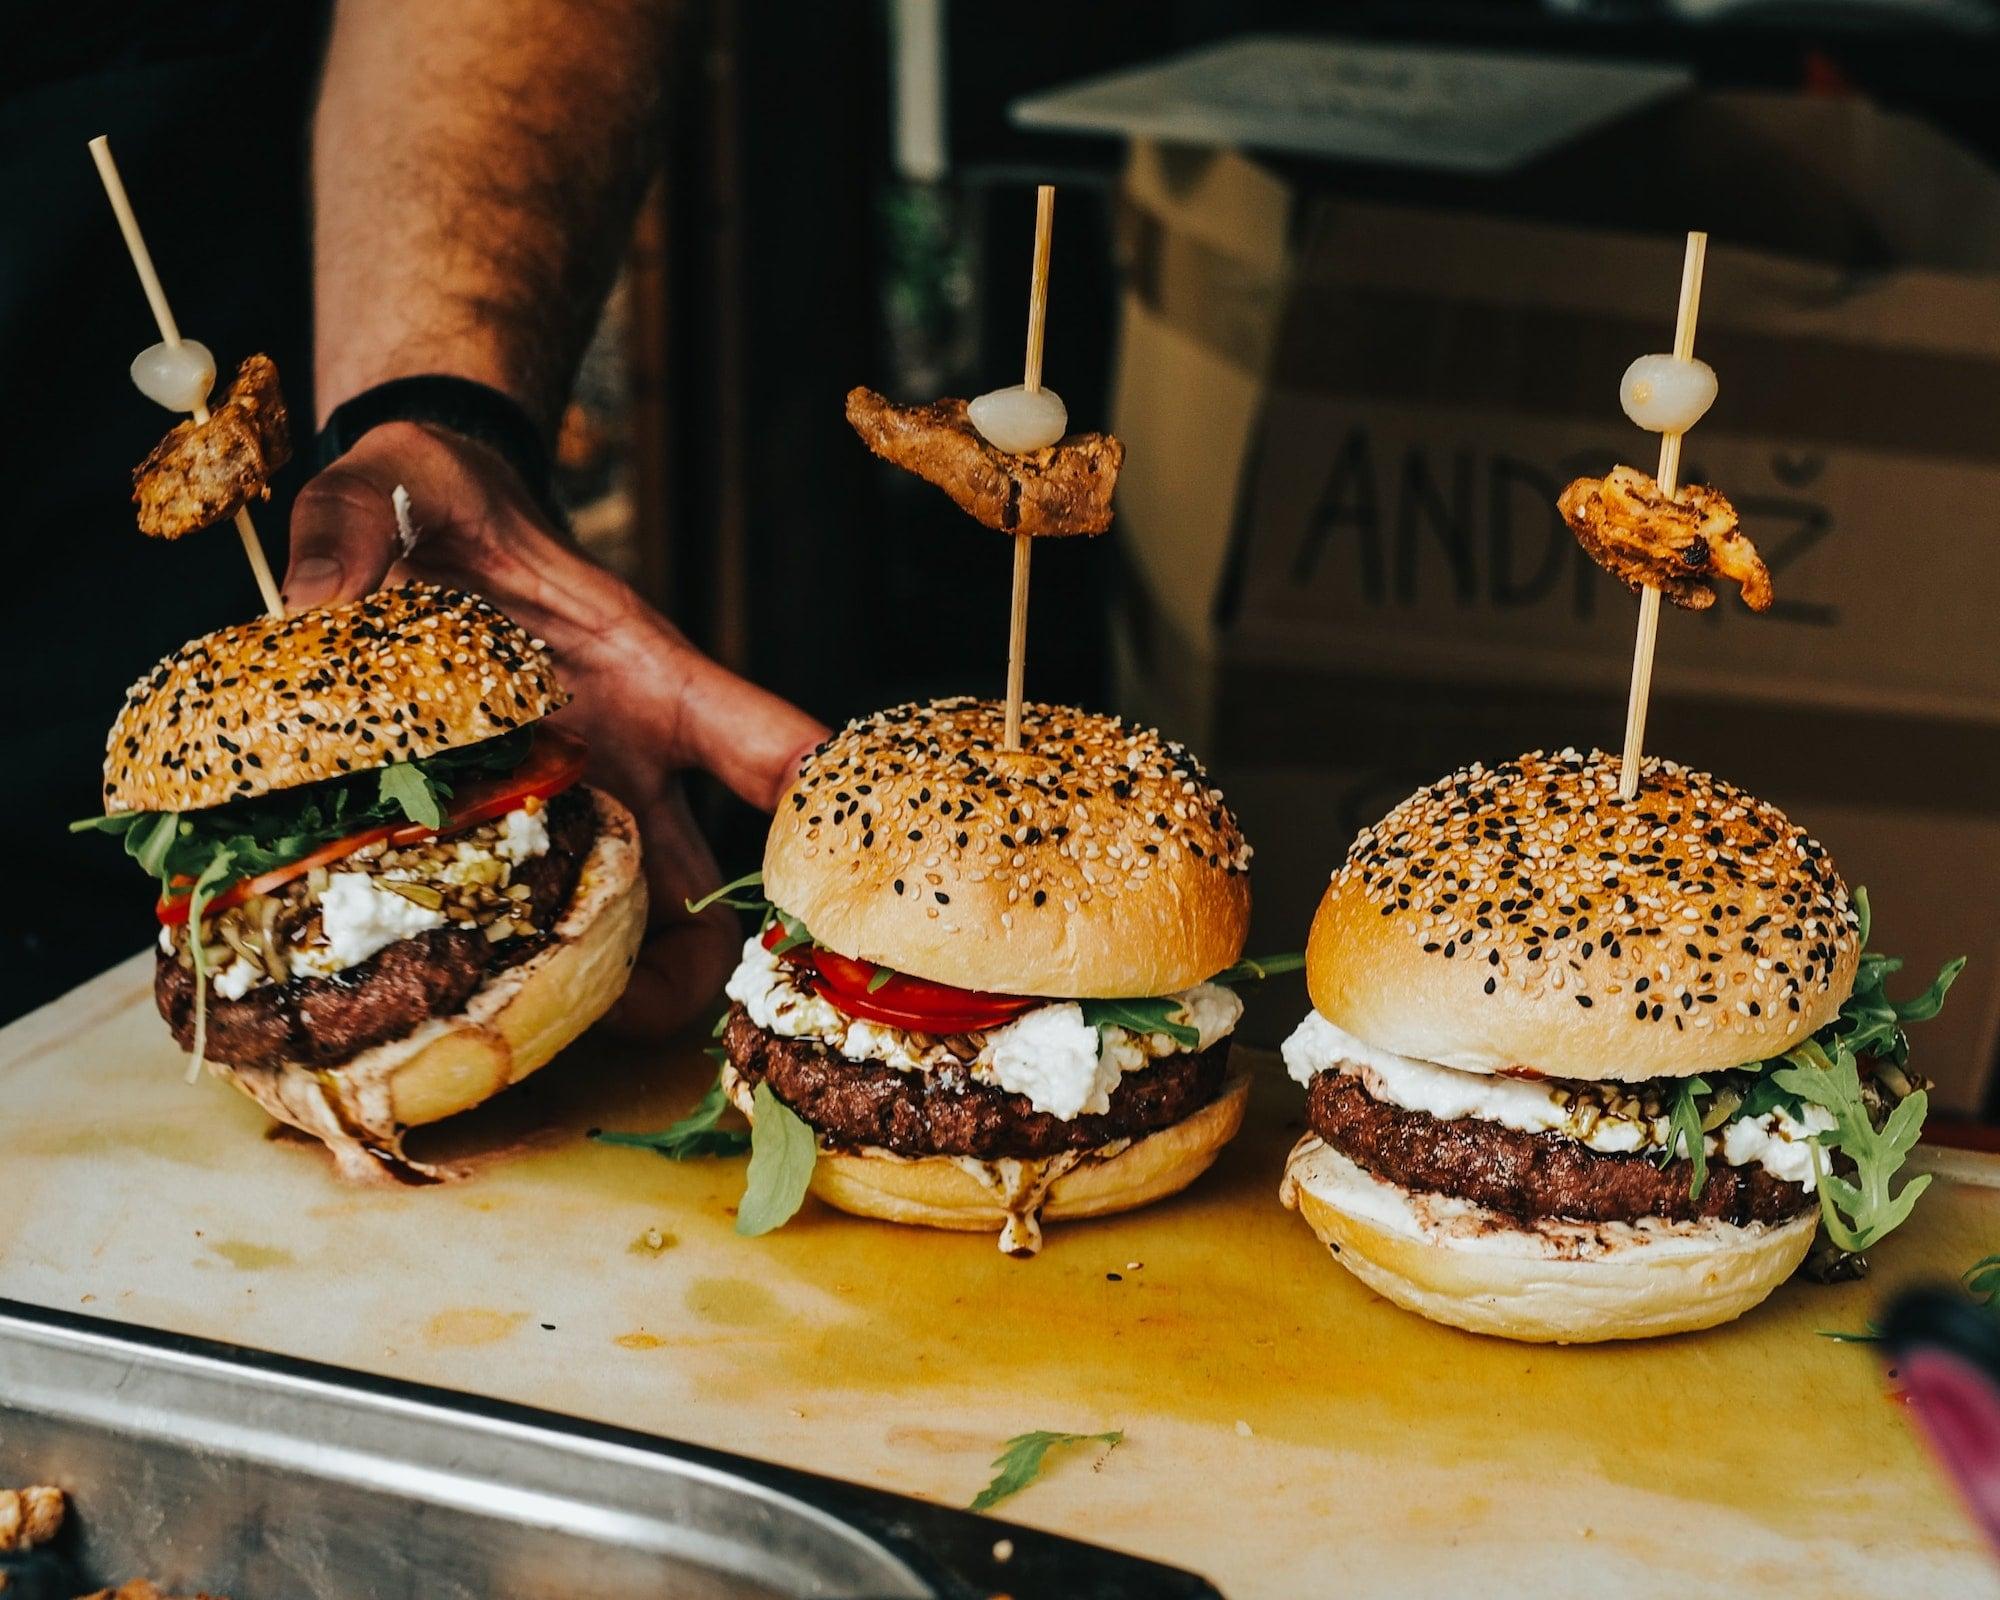 5 địa điểm burger nổi tiếng cho phép bạn tận hưởng món ngon ngay tại nhà